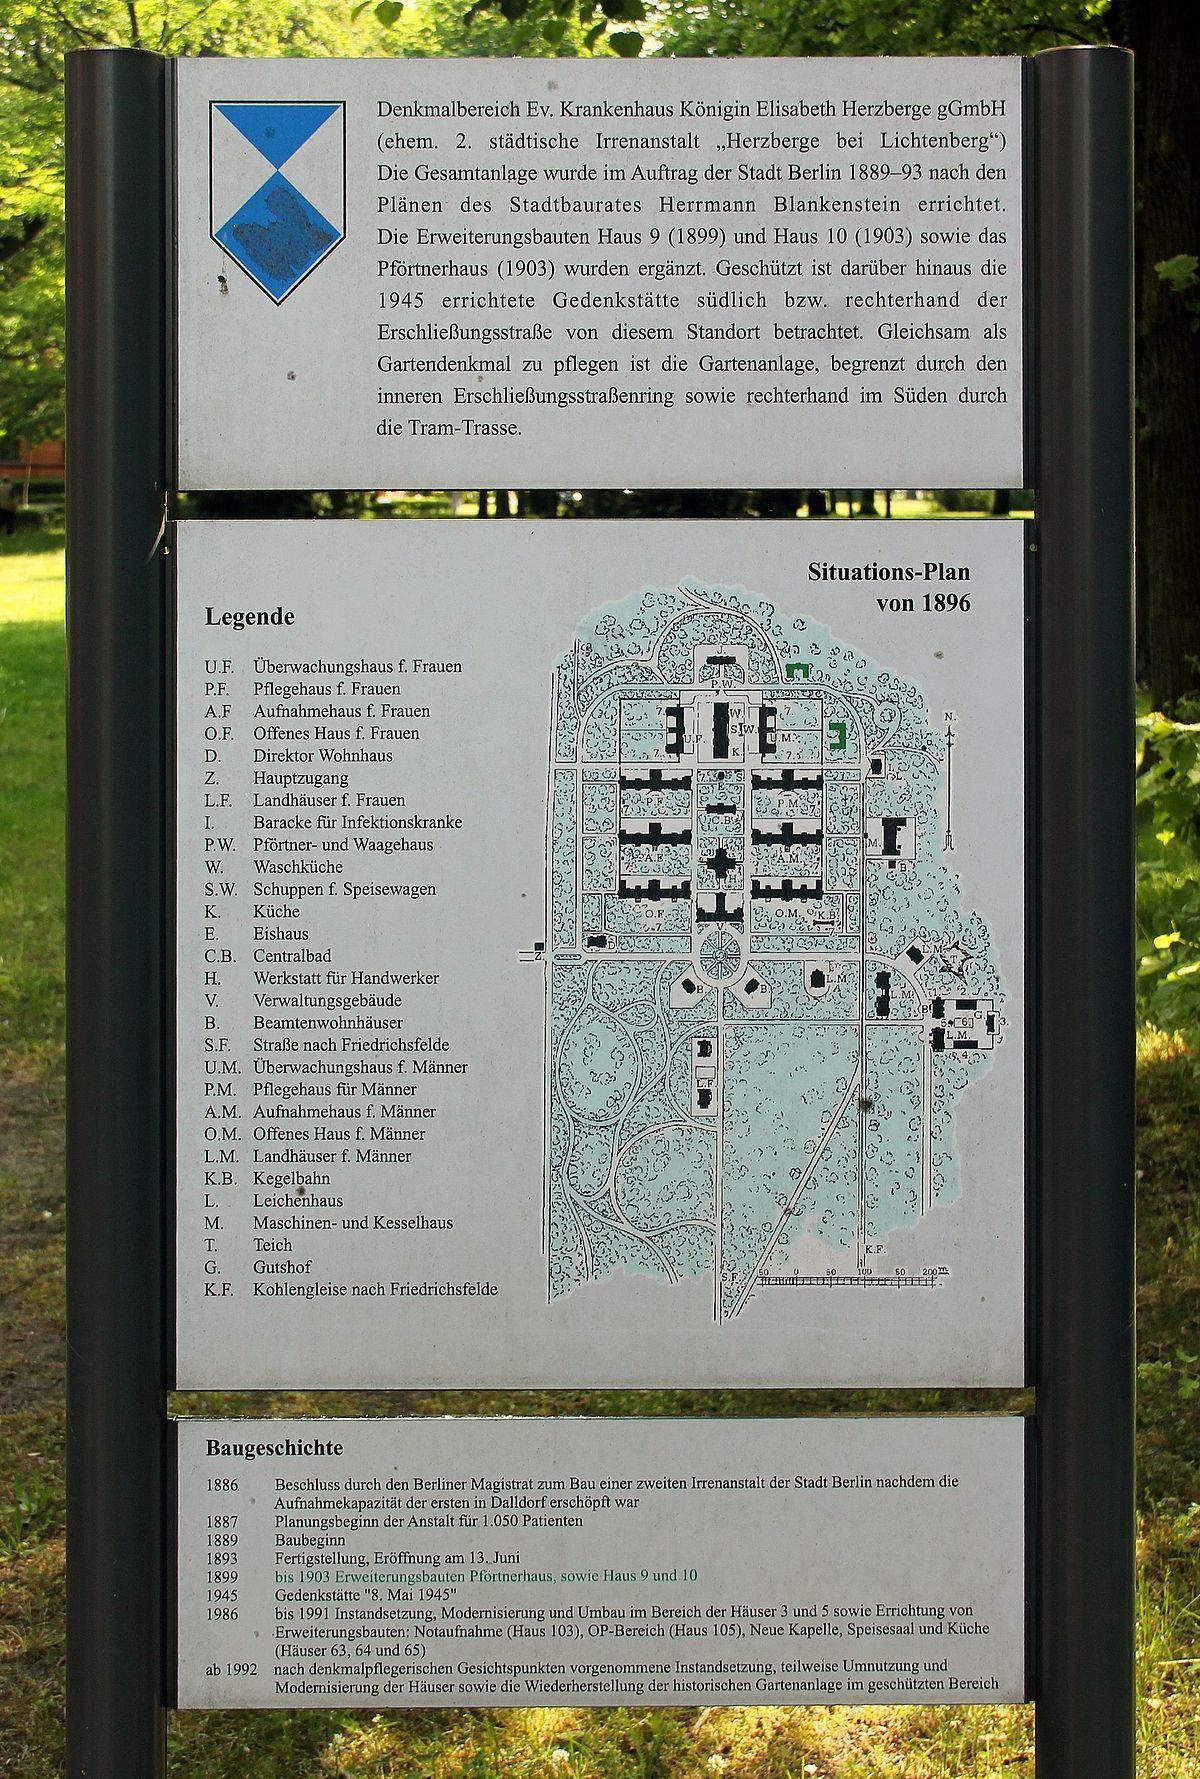 Evangelisches Krankenhaus Königin Elisabeth Herzberge Wikimedia